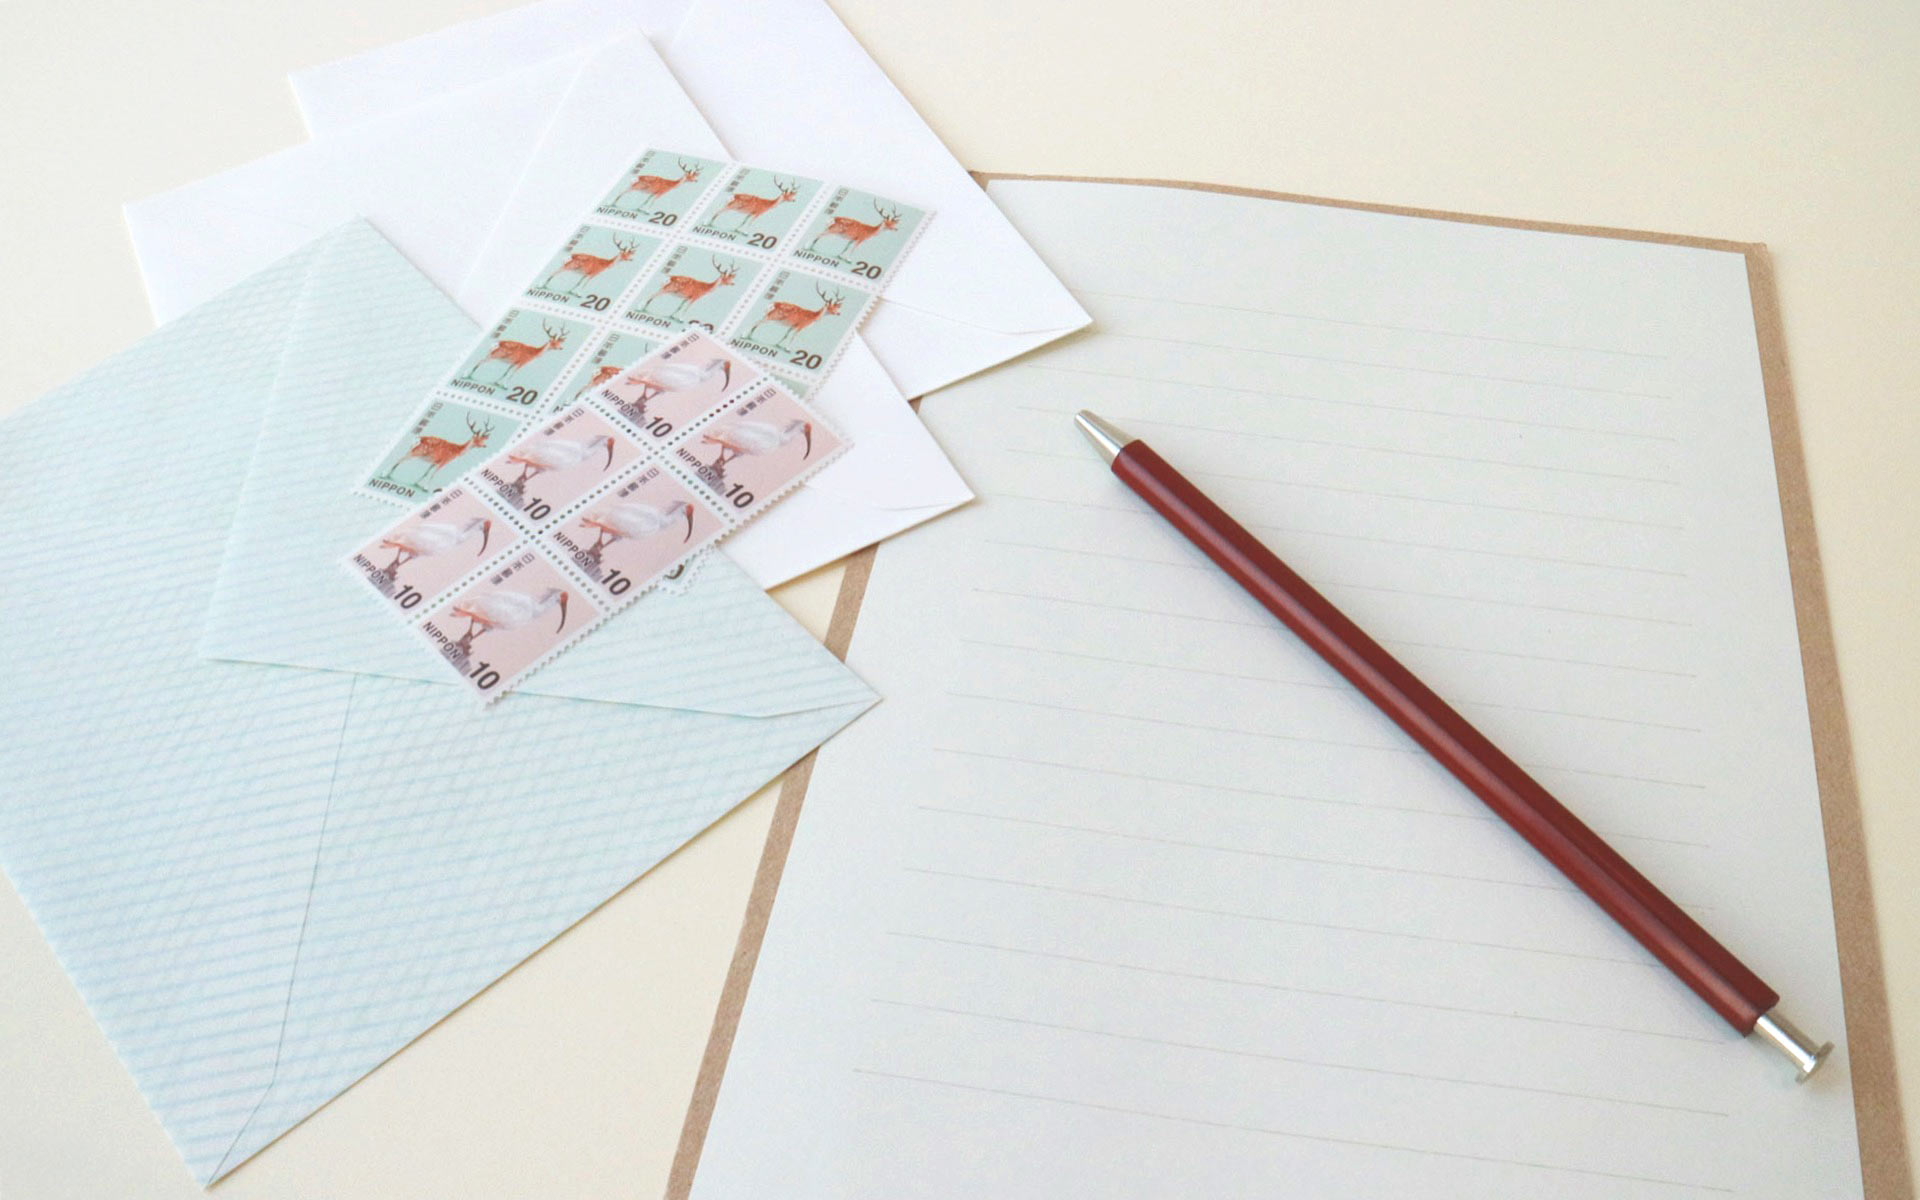 7月23日、ふみの日。手紙を彩る小さな芸術品「切手」